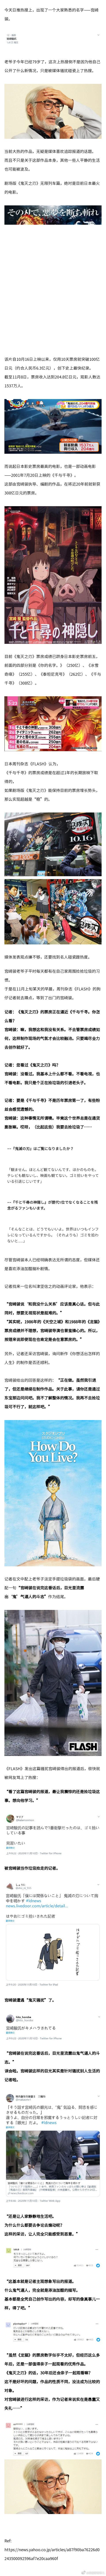 《鬼灭之刃》火爆上映,正逼近日本影史票房最高的《千与千寻》…